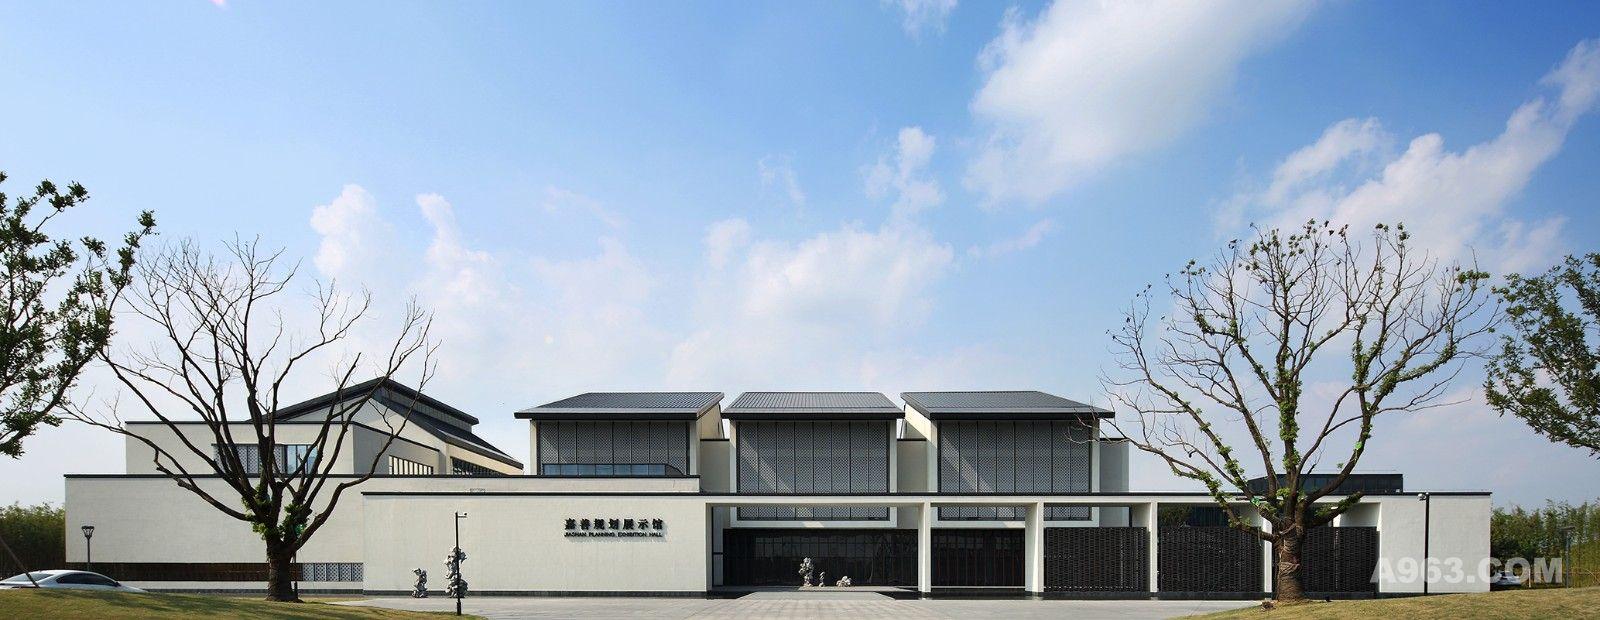 华夏嘉善城市规划展览馆